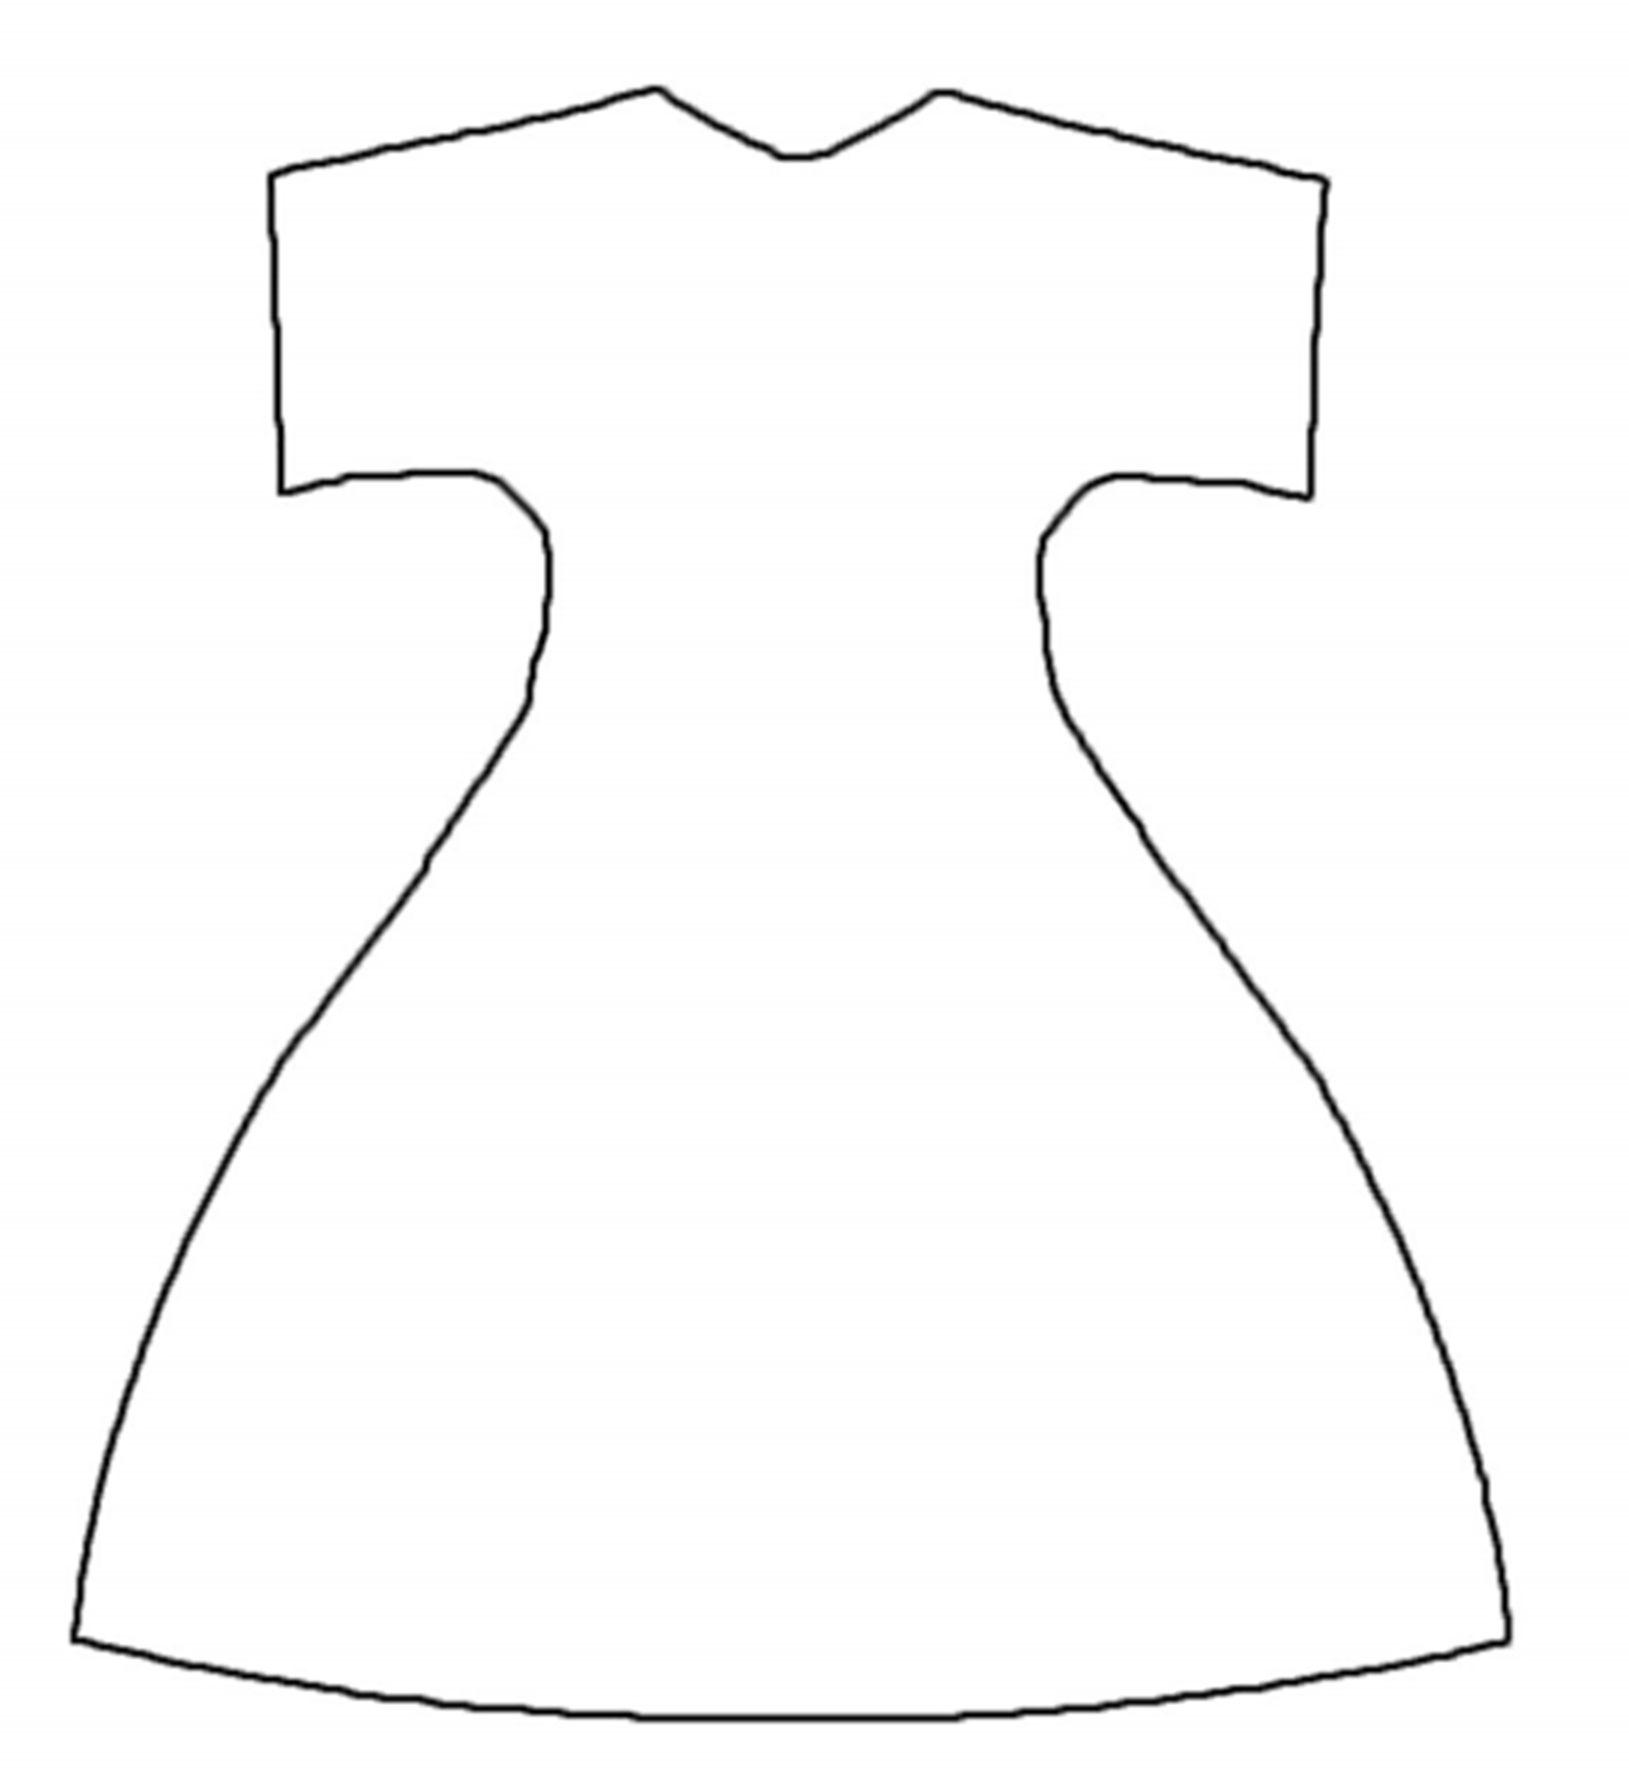 Шаблон Платья Для Аппликации В Младшей Группе